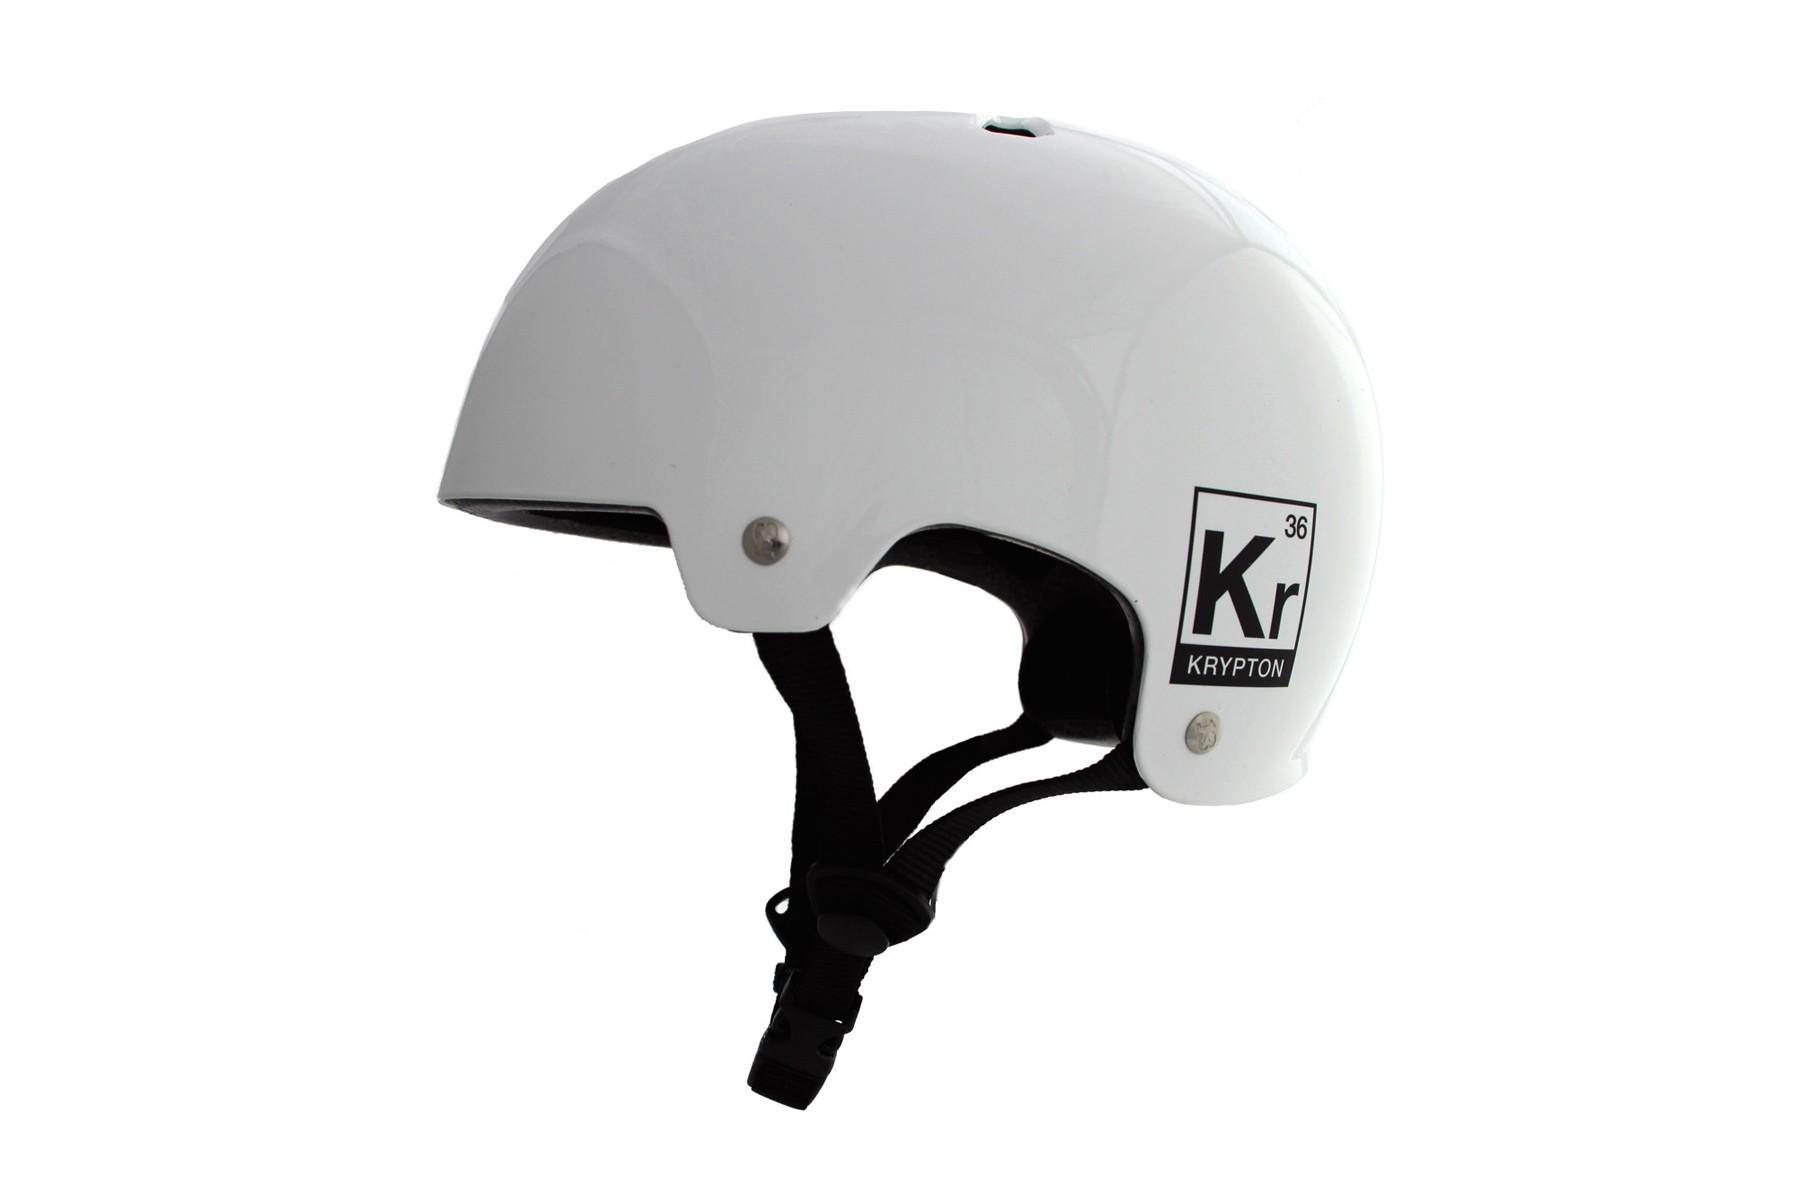 ALK13 Helmet Krypton White Glossy